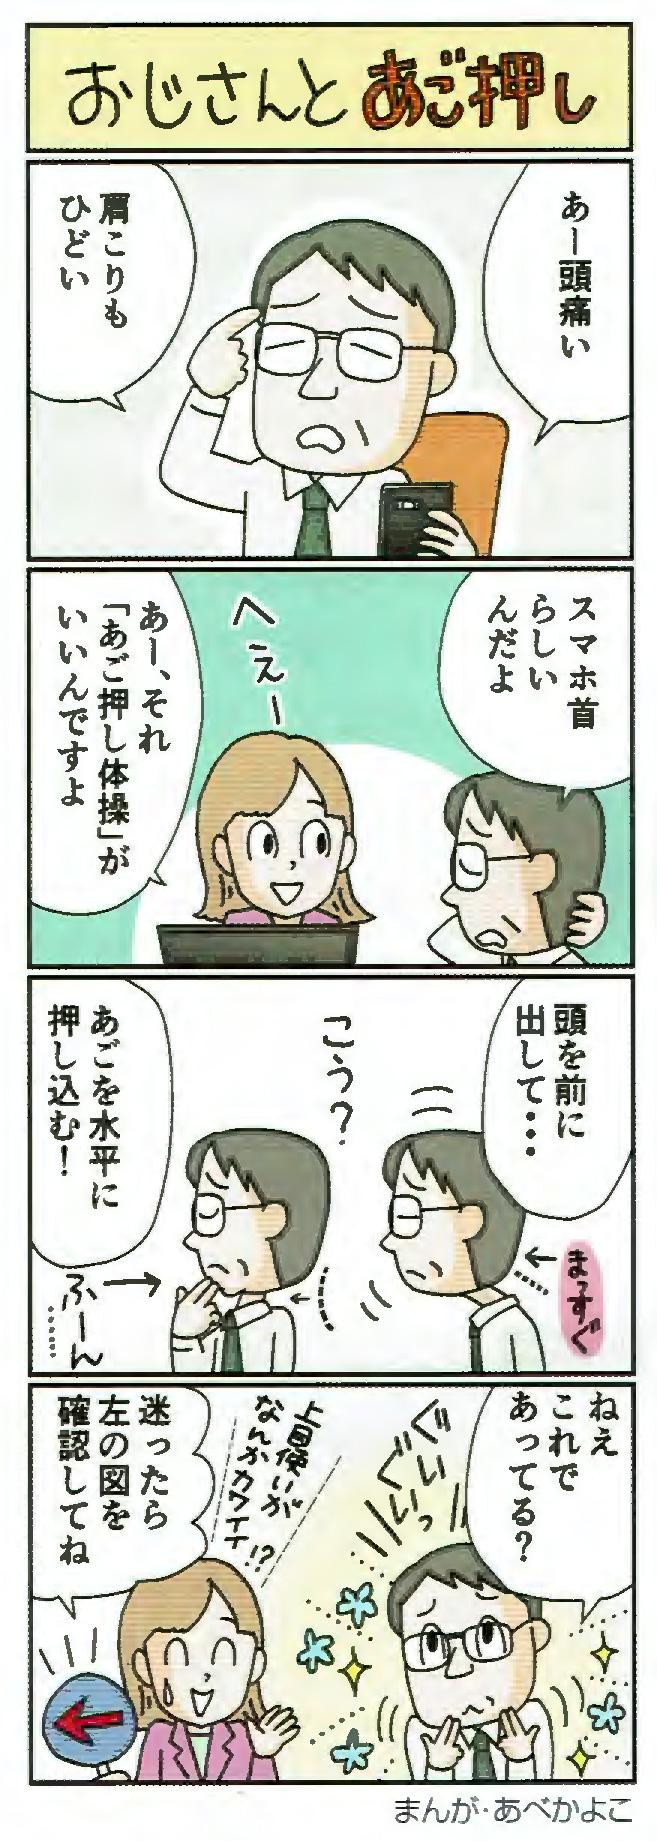 miyake202005-8_2.jpg